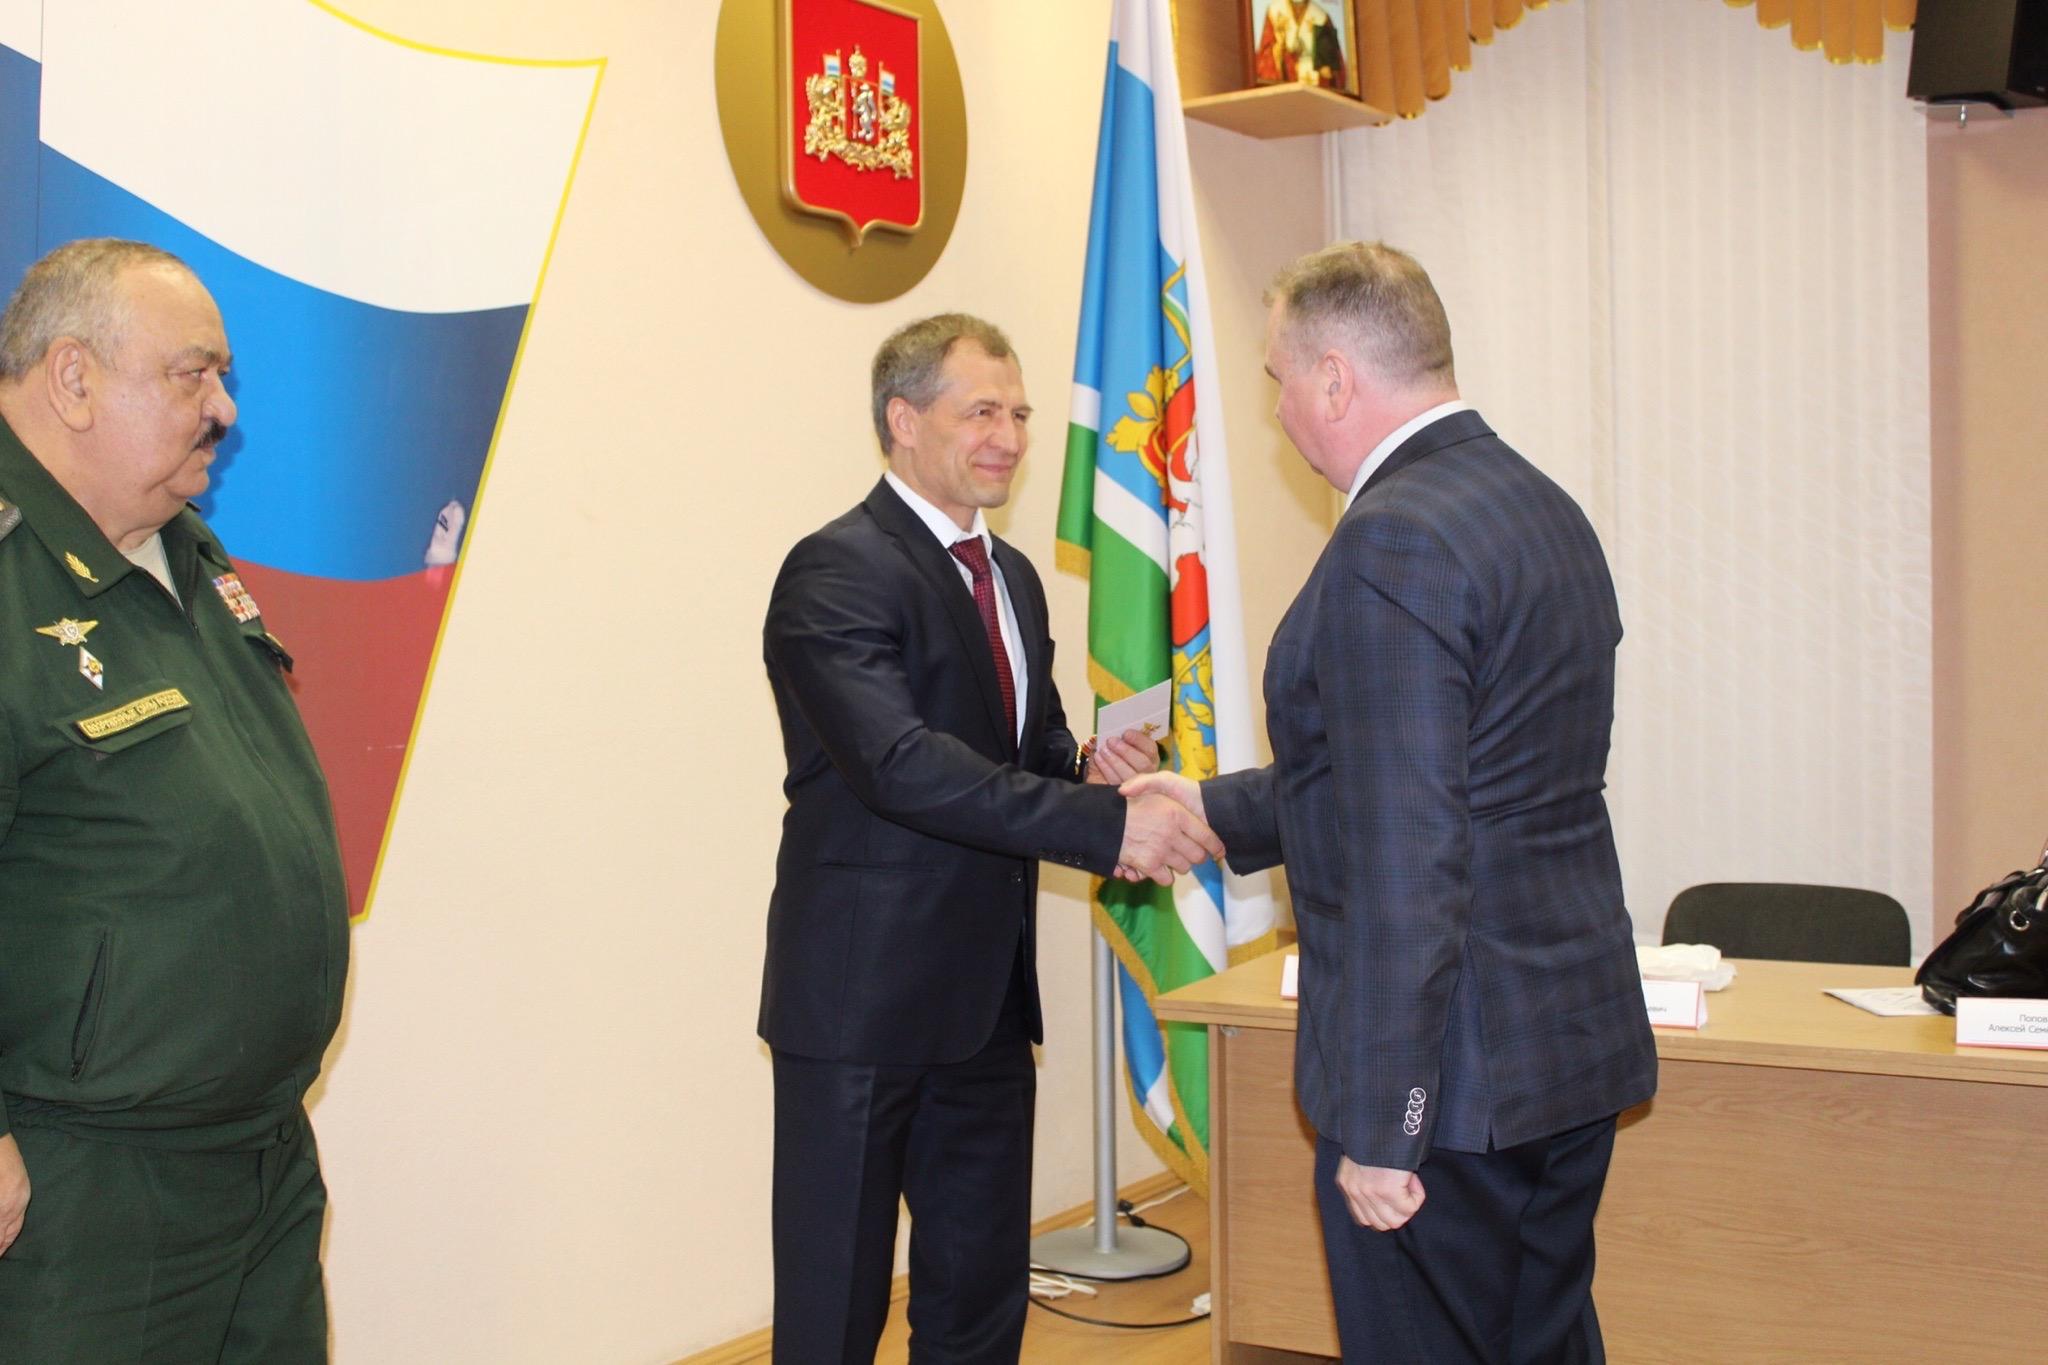 Игорь Володин приветствовал и вручил награды помощникам военных комиссаров ЦВО